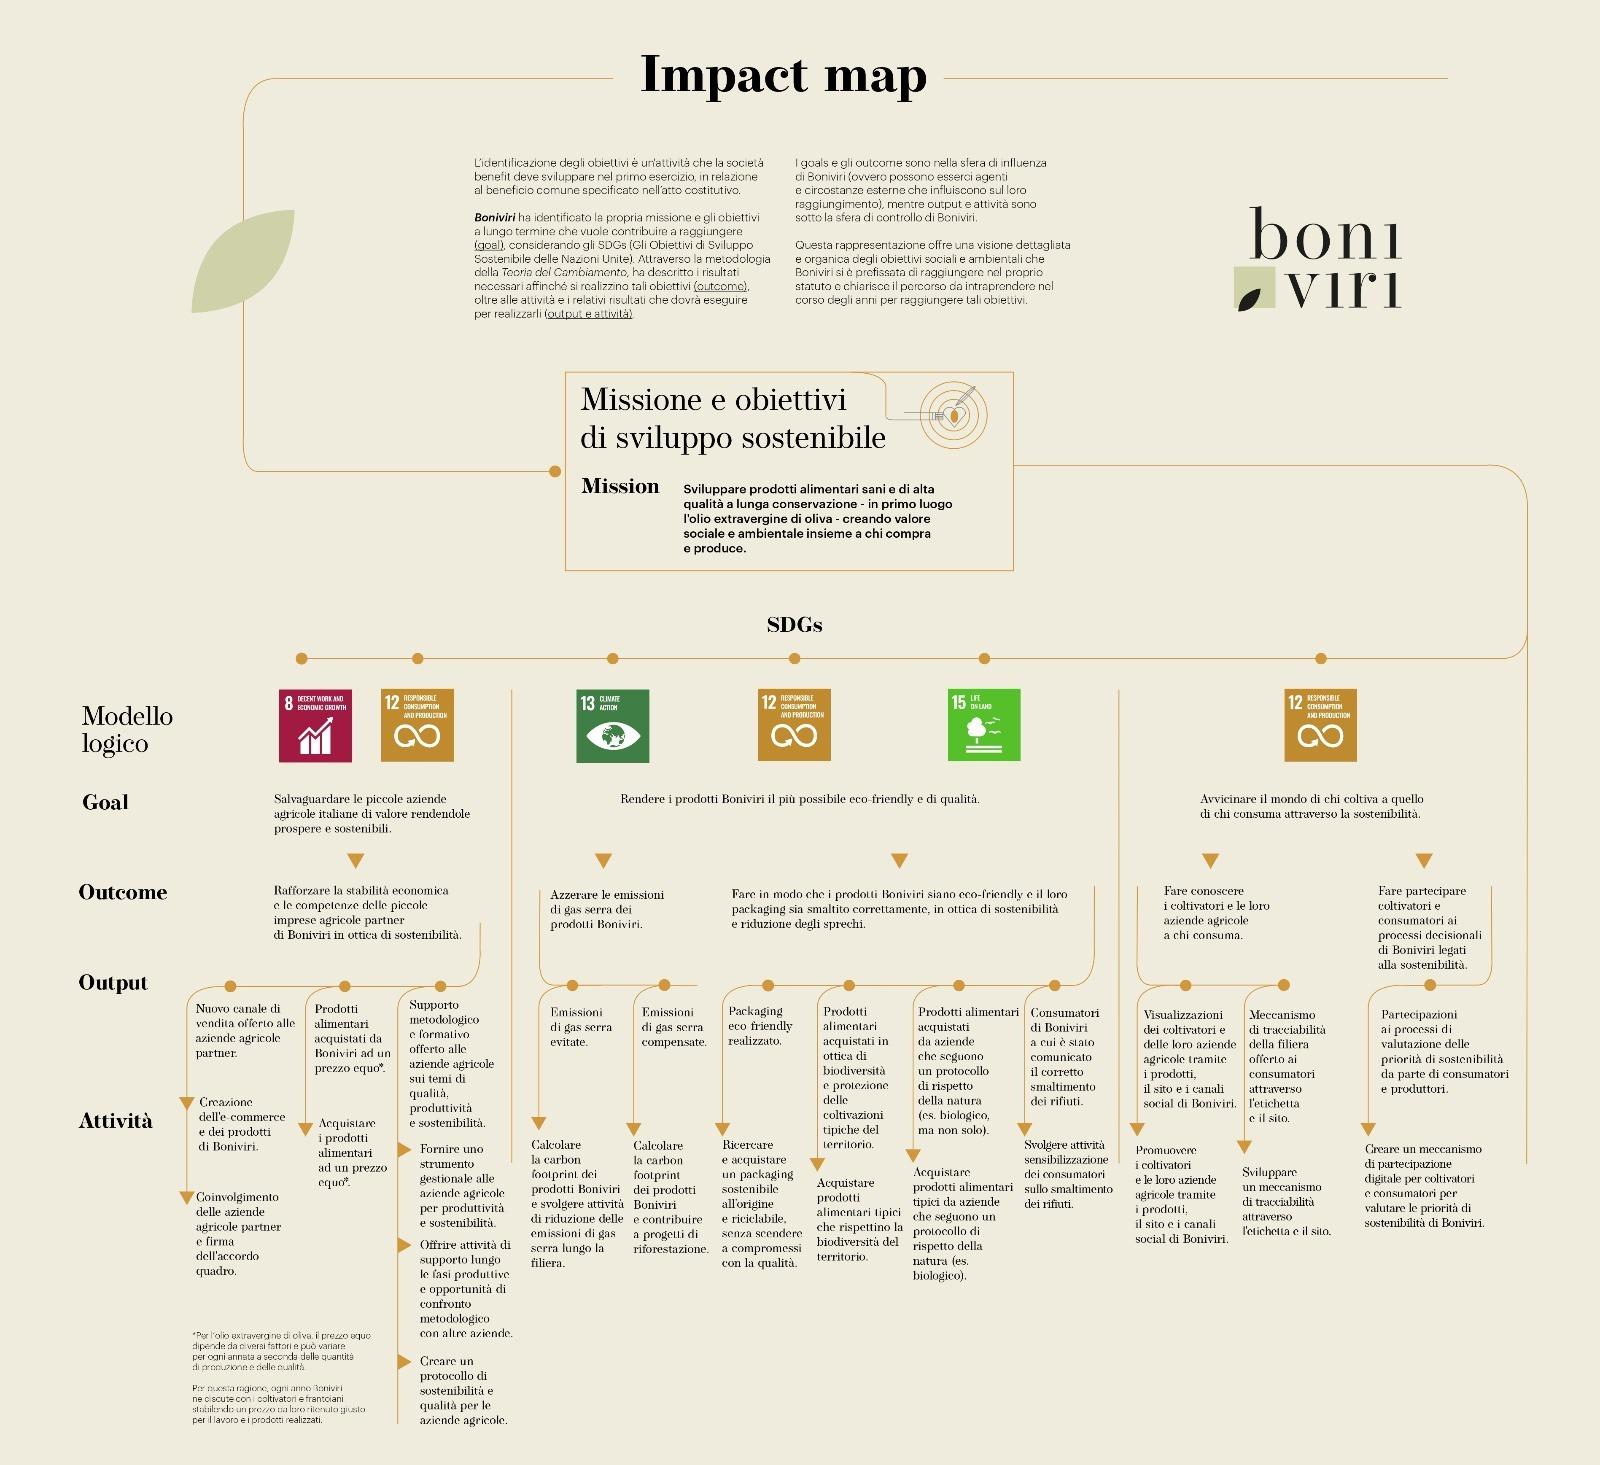 Le parole non bastano: l'Impact Map di Boniviri